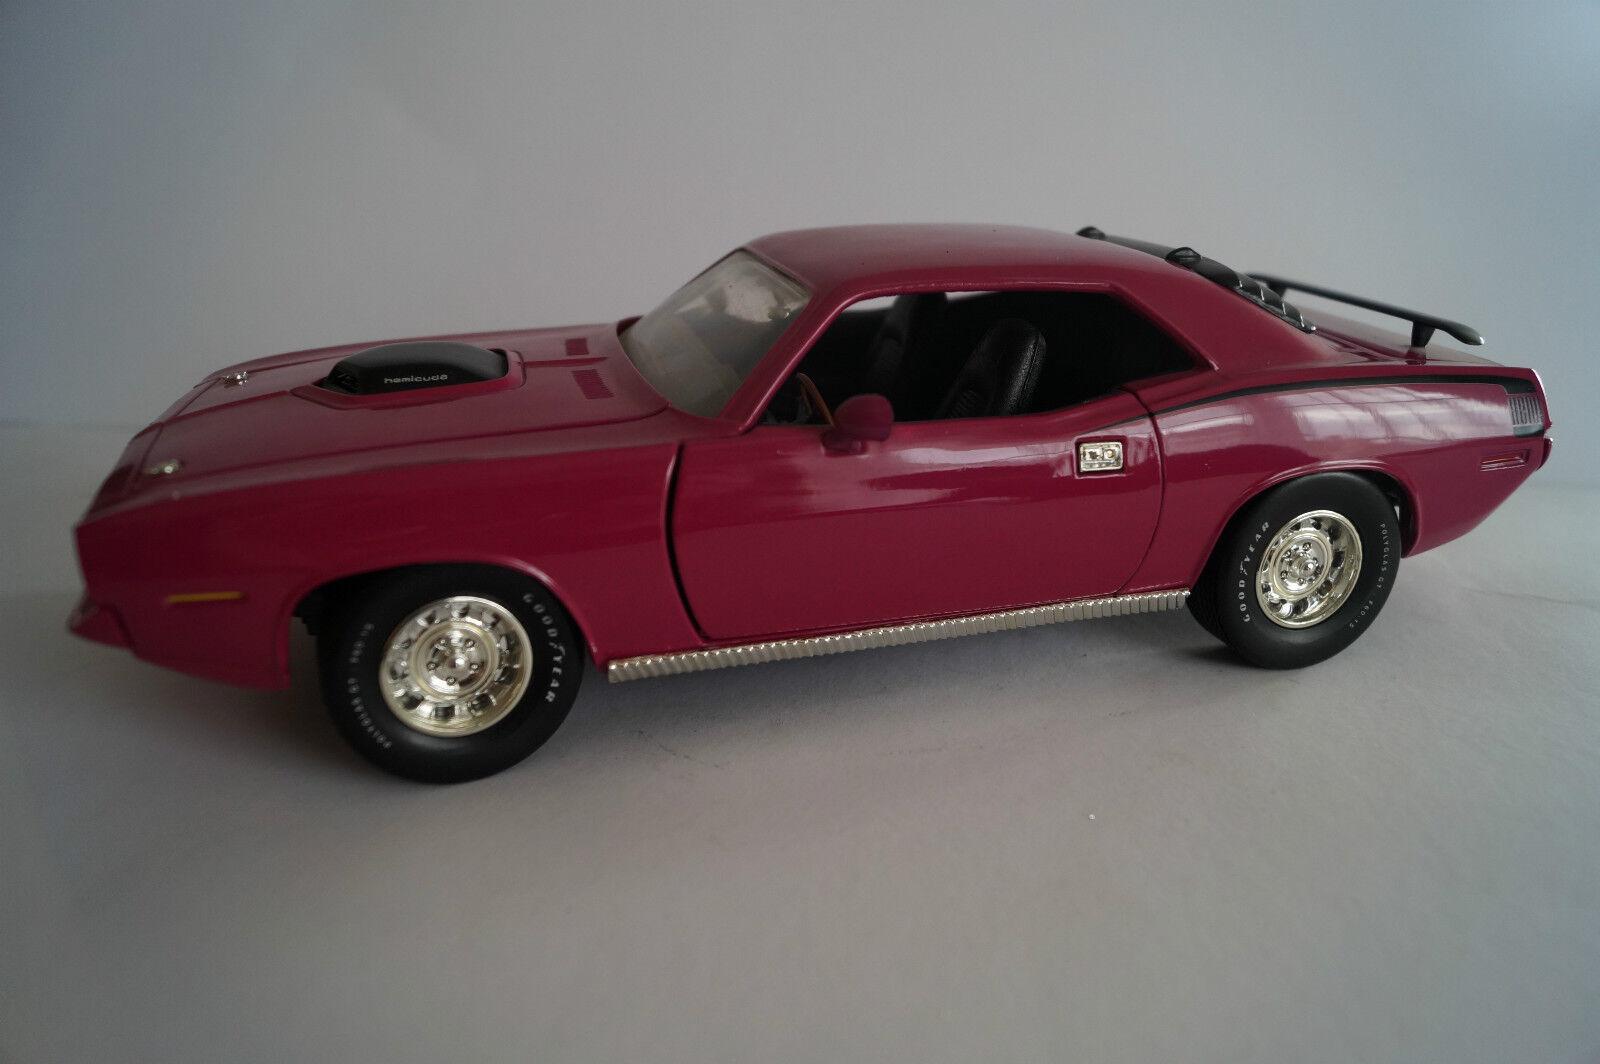 las mejores marcas venden barato Ertl maqueta de coche 1 1 1 18 1970 guda  precios mas bajos